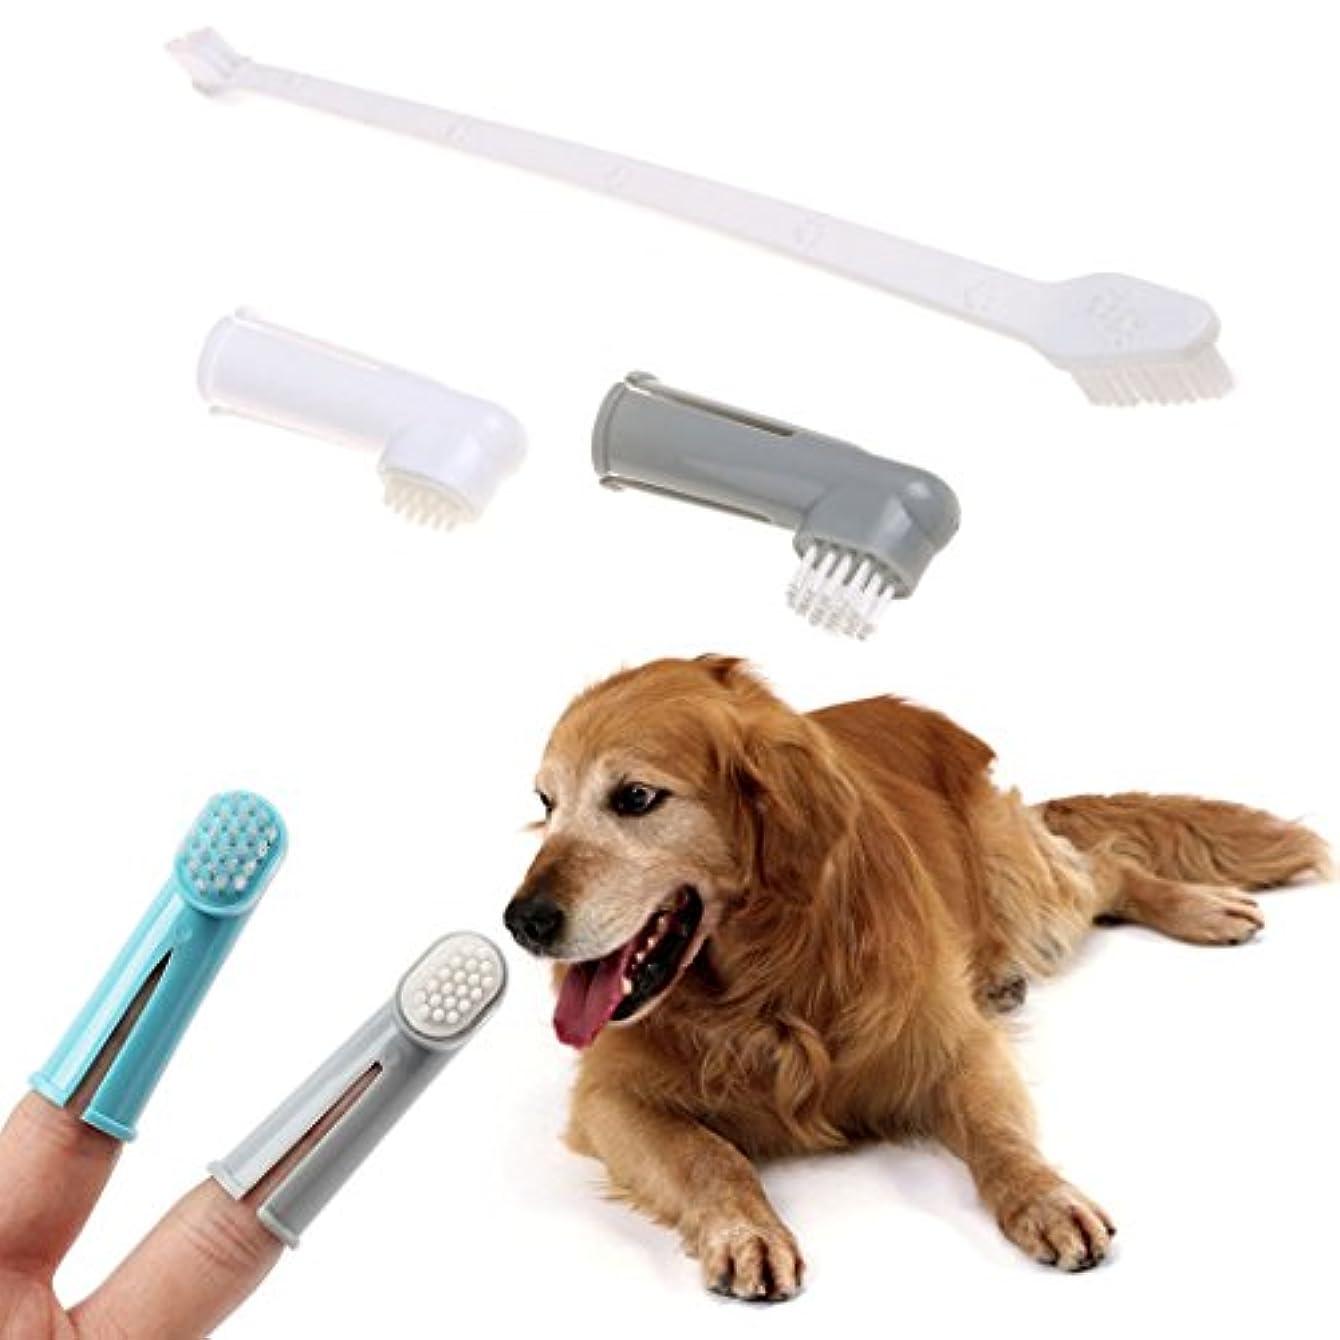 限定達成可能選挙Legendog ペットの歯ブラシ 犬用歯ブラシ 指歯 ブラシ 歯磨き ペット歯ケア用品 カラフル 3ピースセット(合計9個)